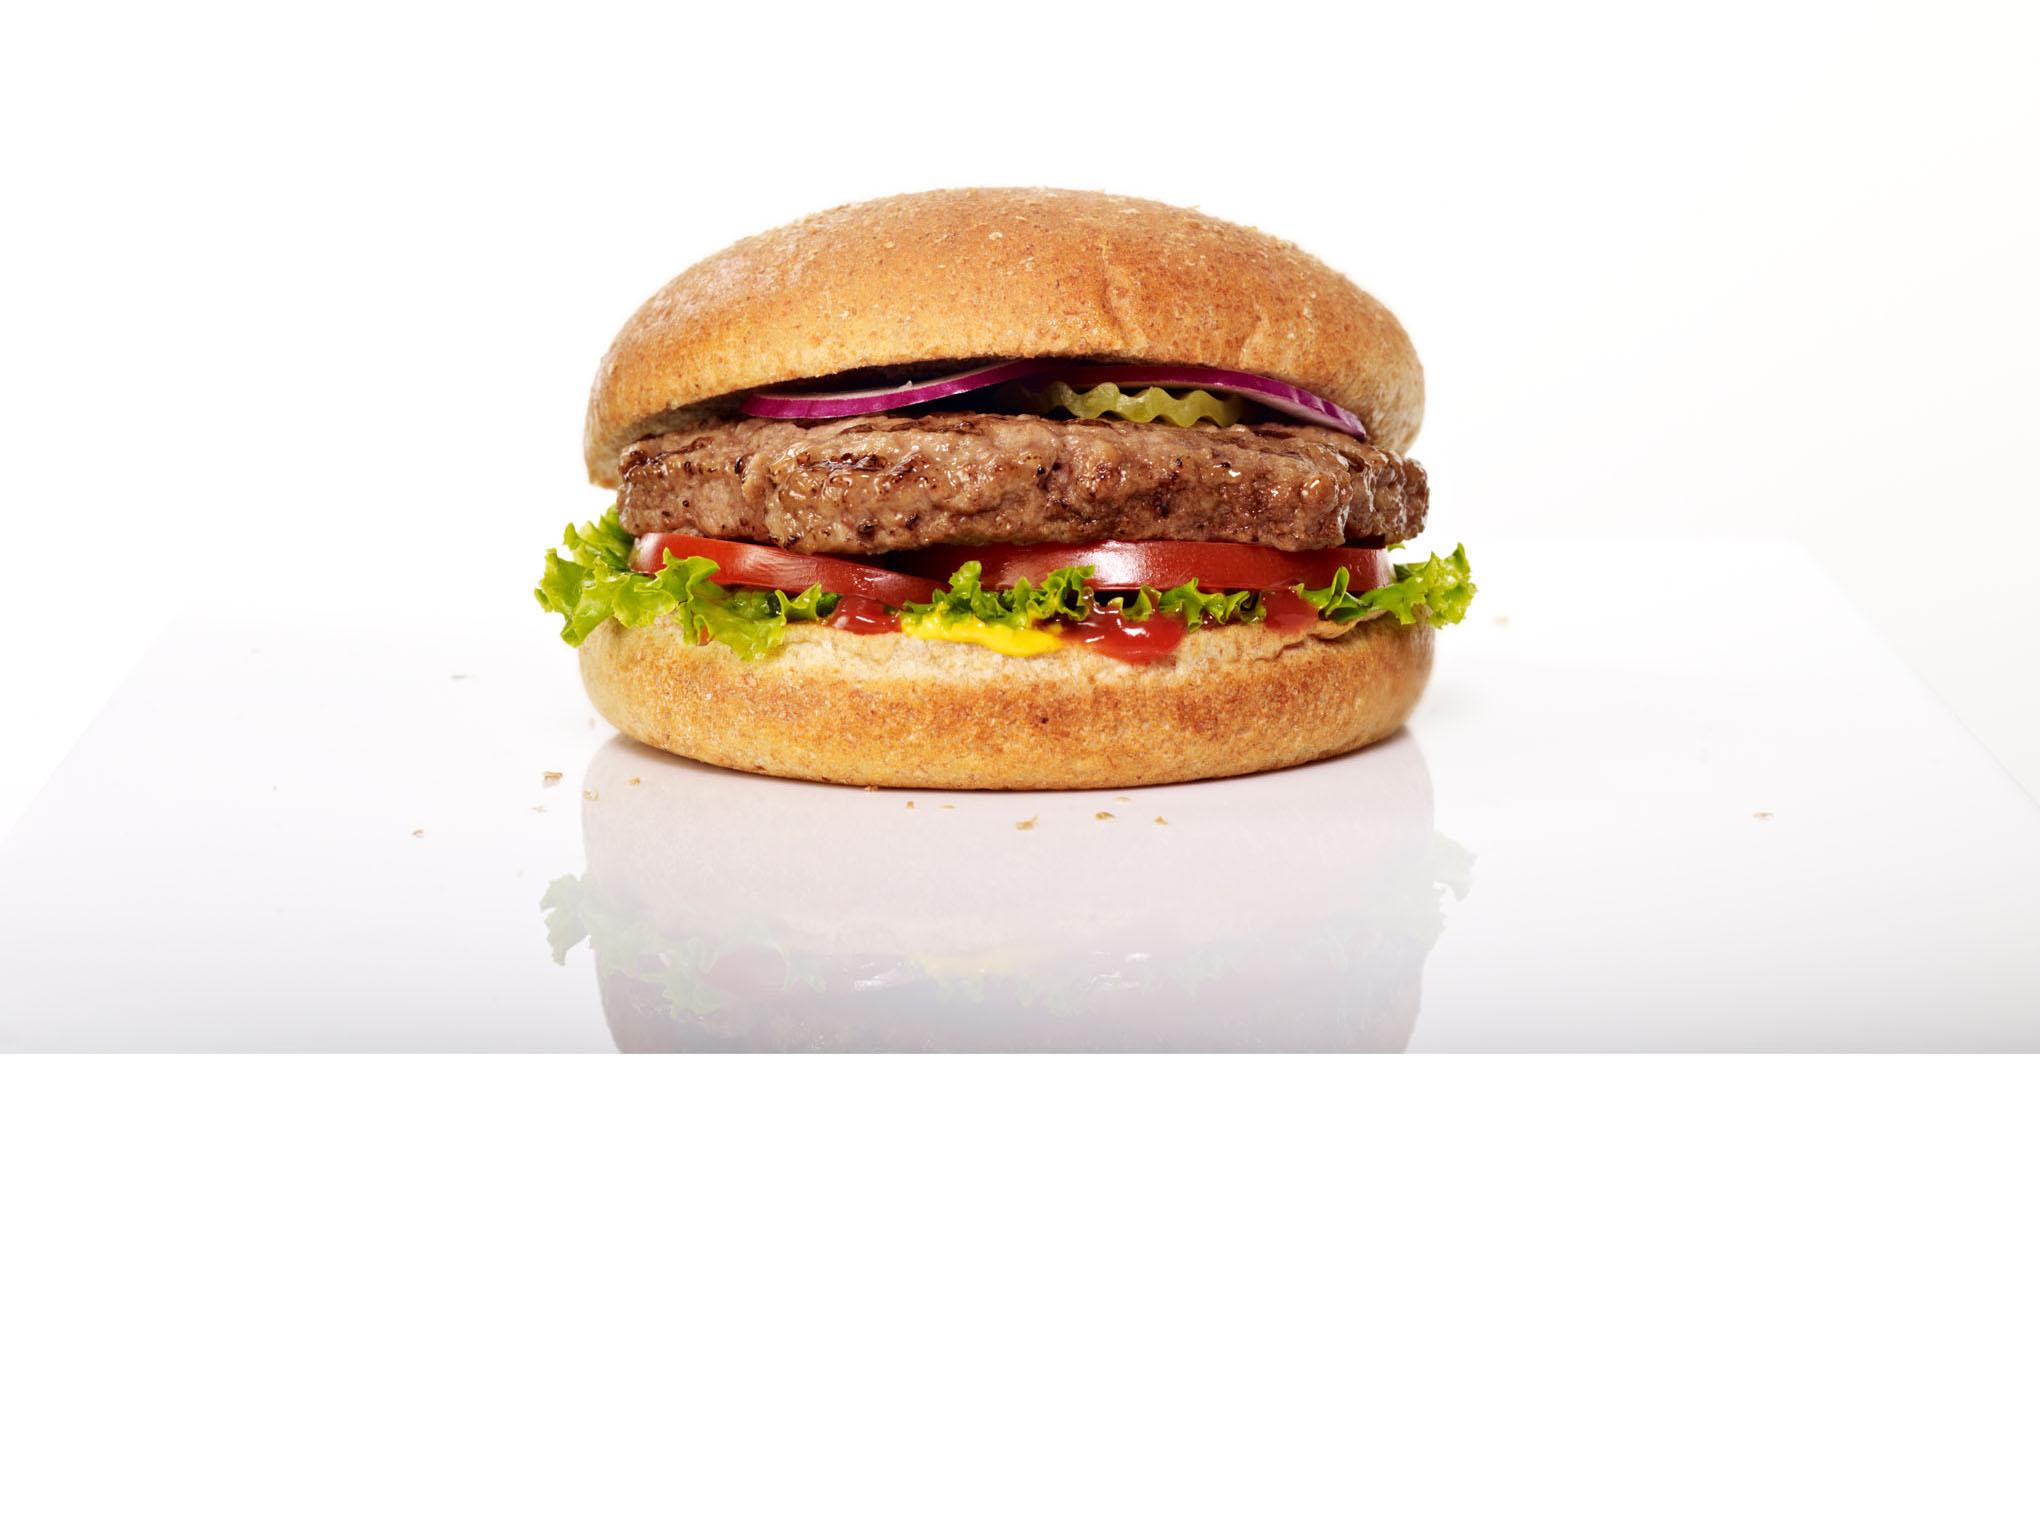 Tyson_Sandwich02.jpg